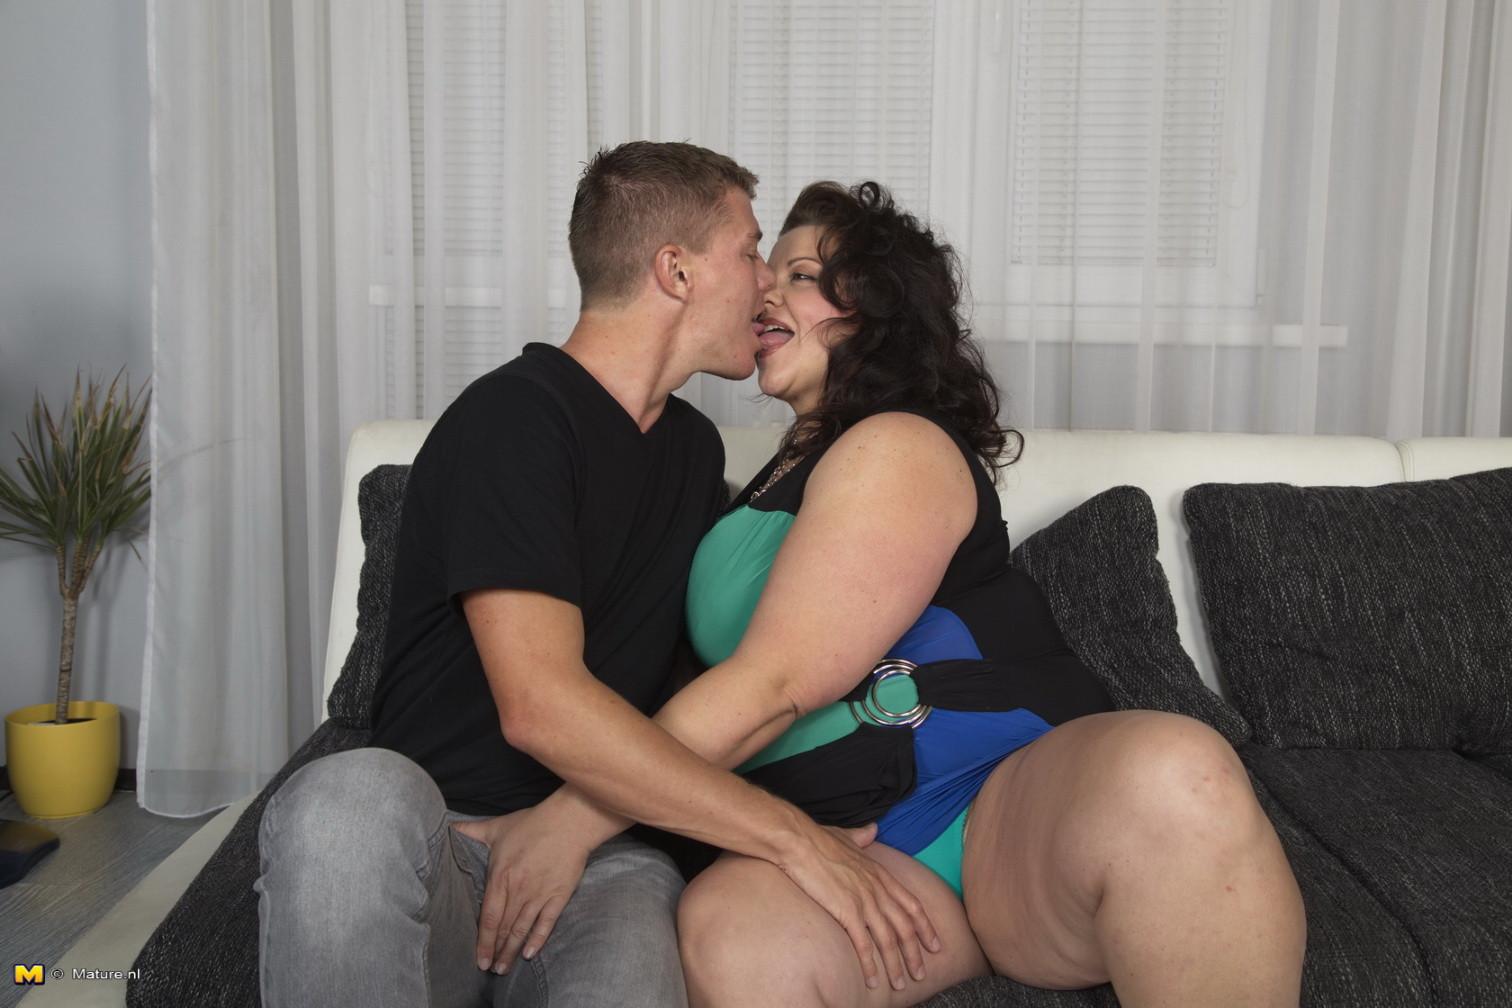 Два молодых парня старательно облизывают грудь одной пышной дамочки, но дальше прелюдия не заходит